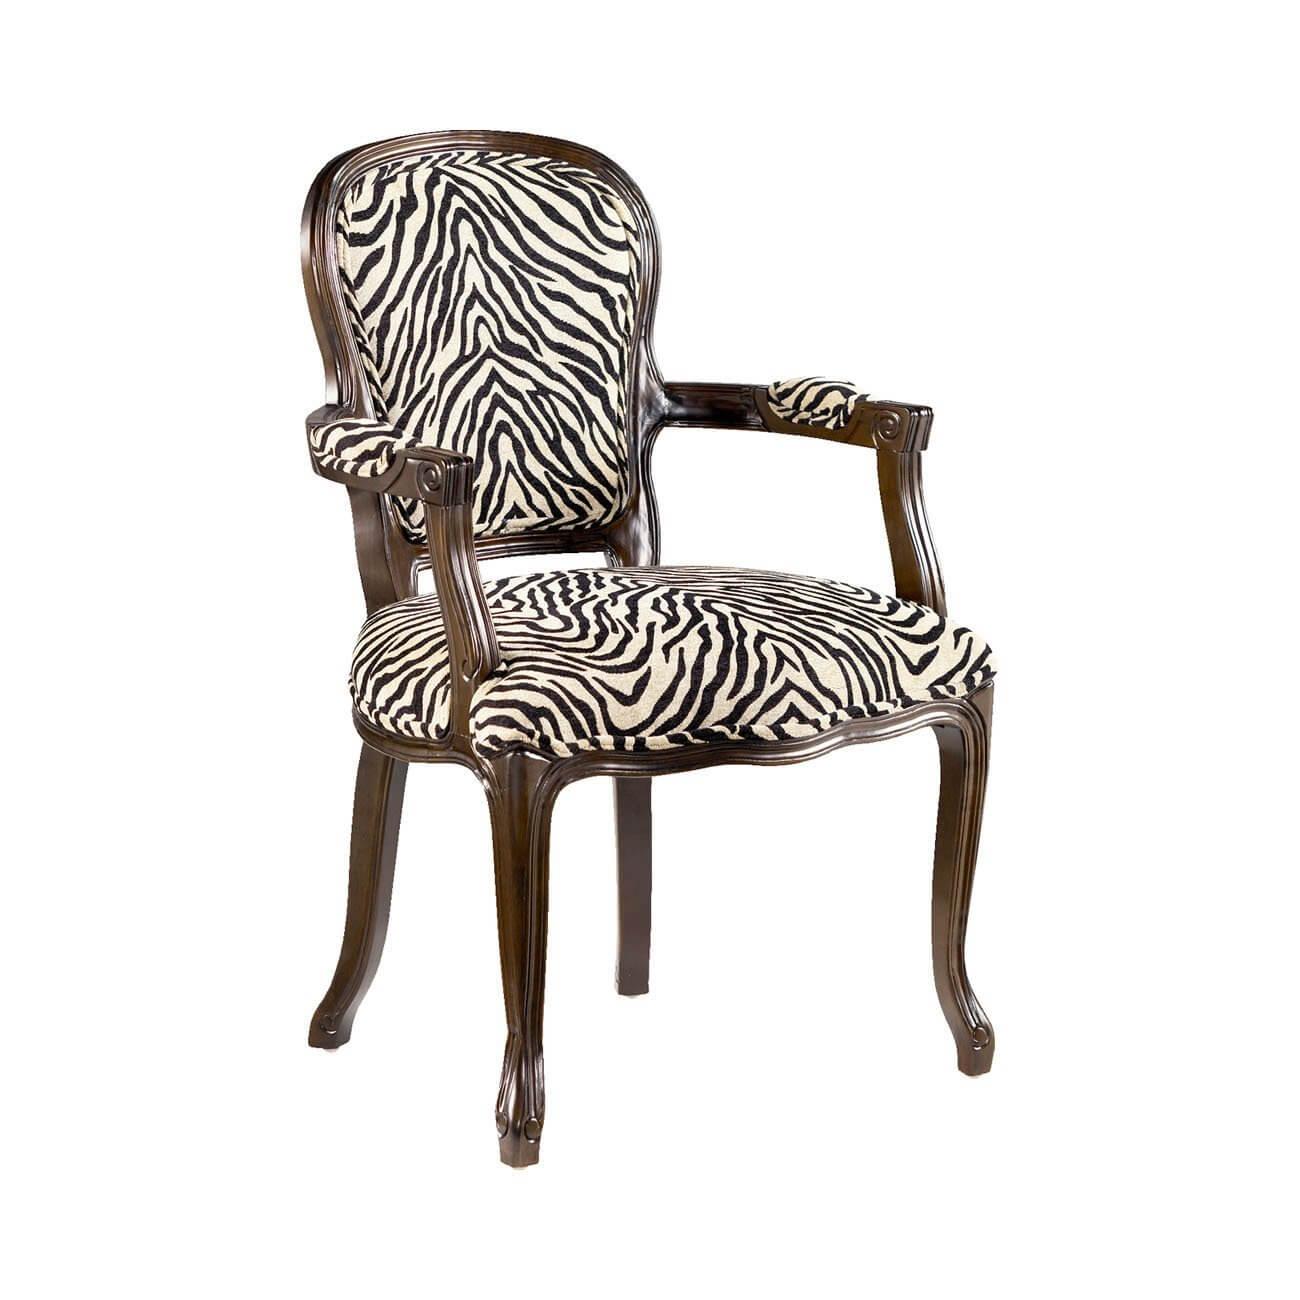 Fauteuil Zebra avec cadre en bois